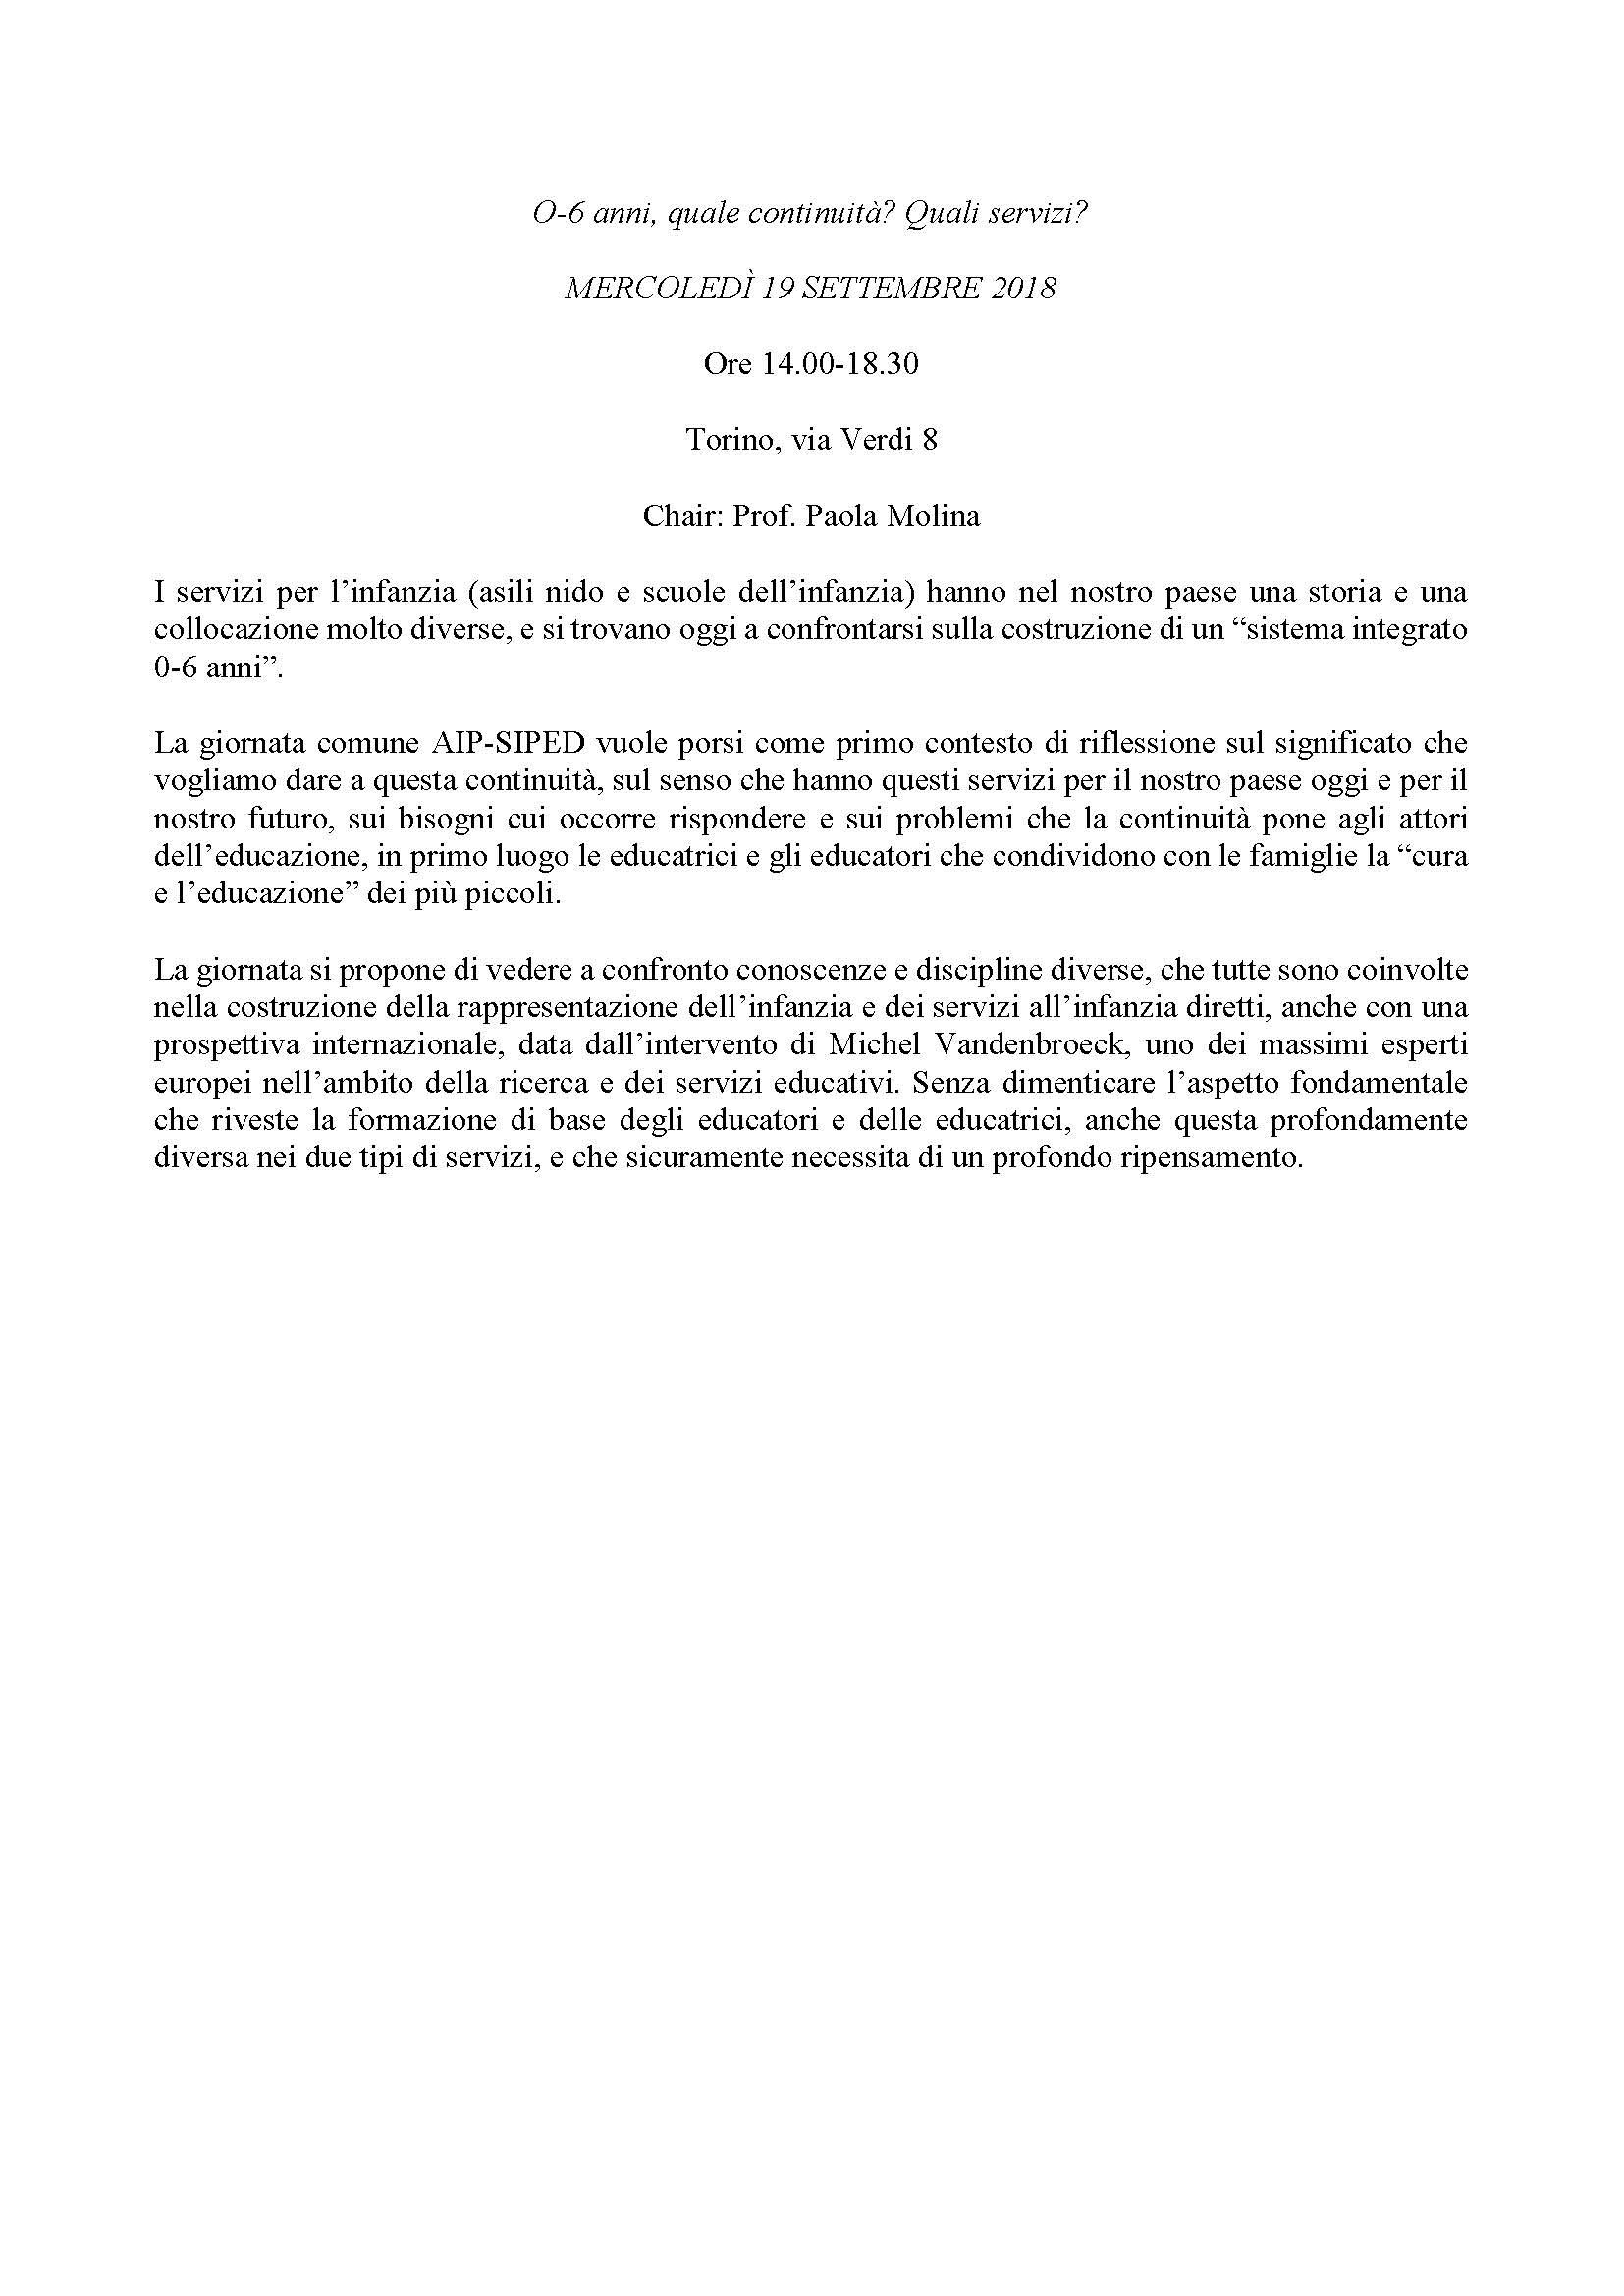 """Giornata di studio """"0-6 anni, quale continuità? Quali servizi?"""" – 19 settembre, Torino"""